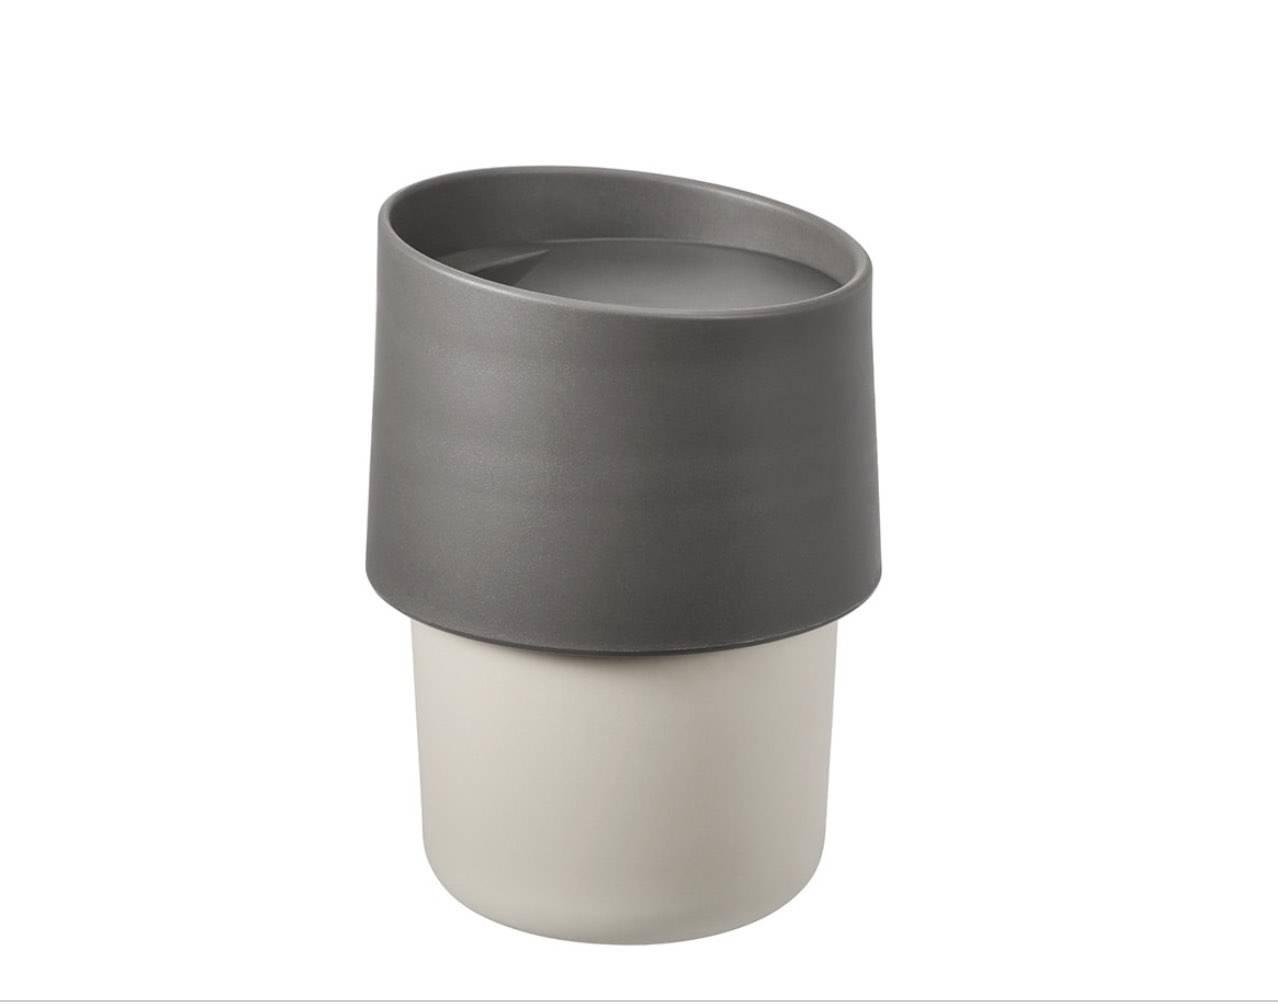 Bicchiere Ikea ritirato dal mercato per rischio di contaminazione